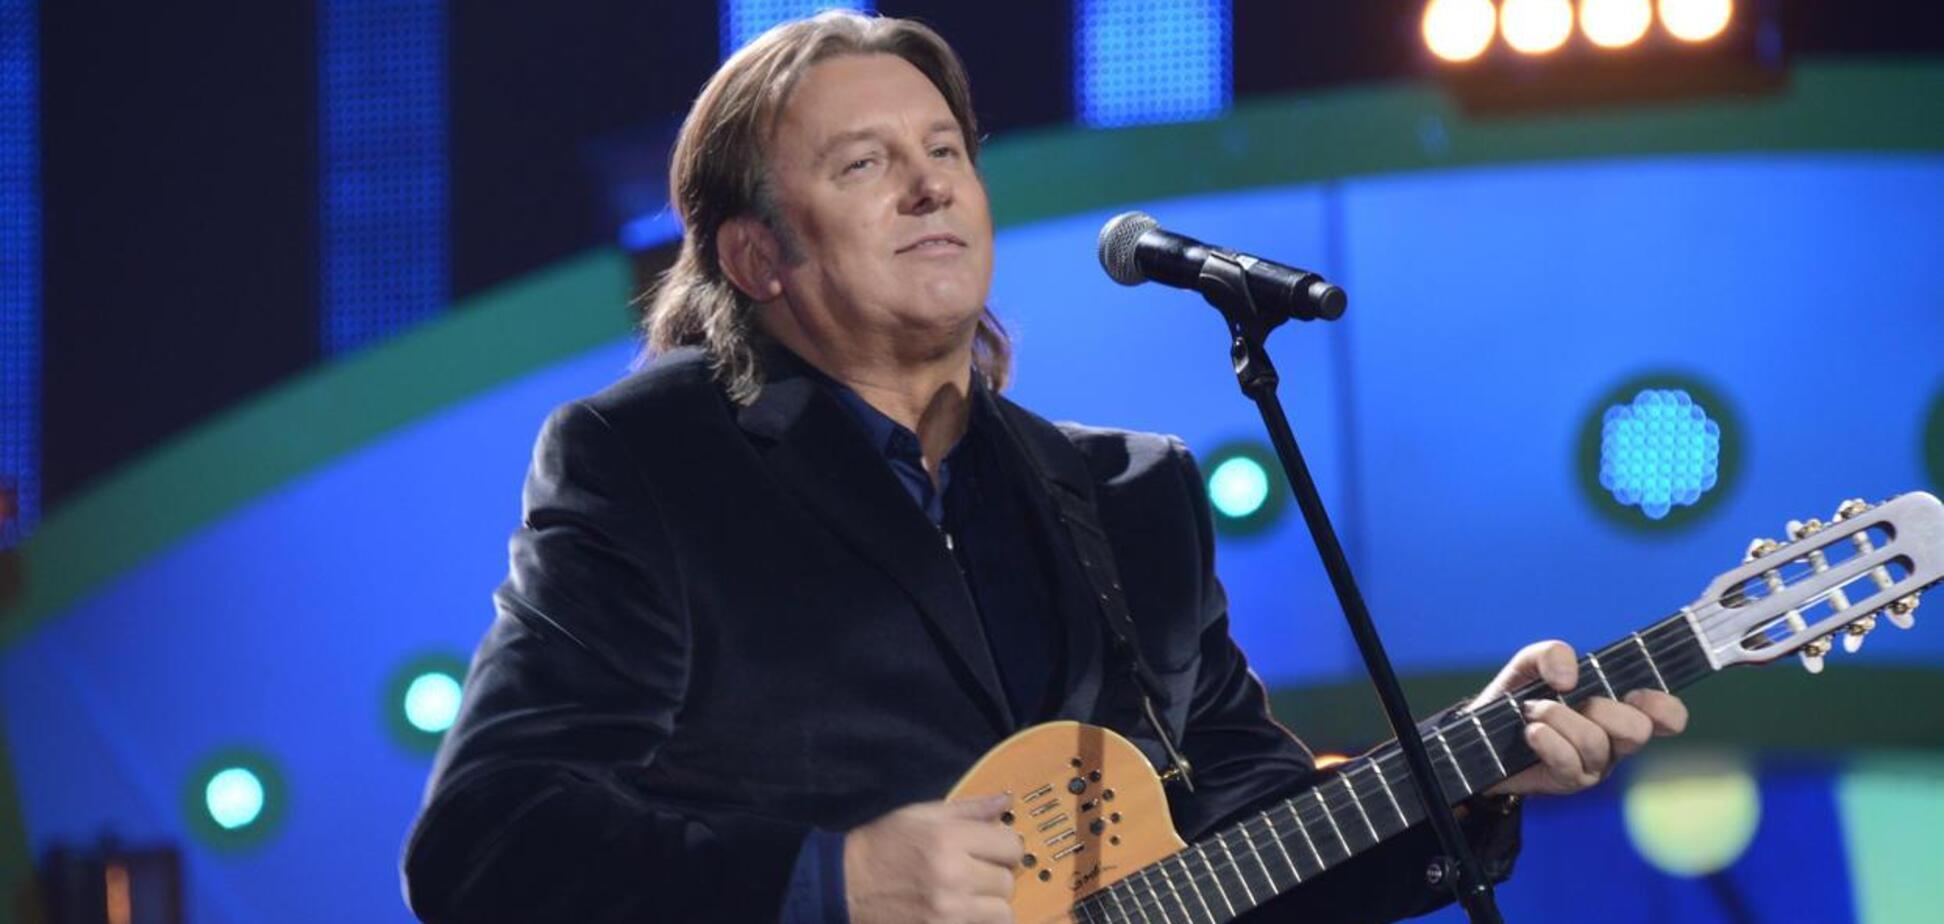 Российский музыкант Лоза оскандалился высказываниями о 'плоской Земле'